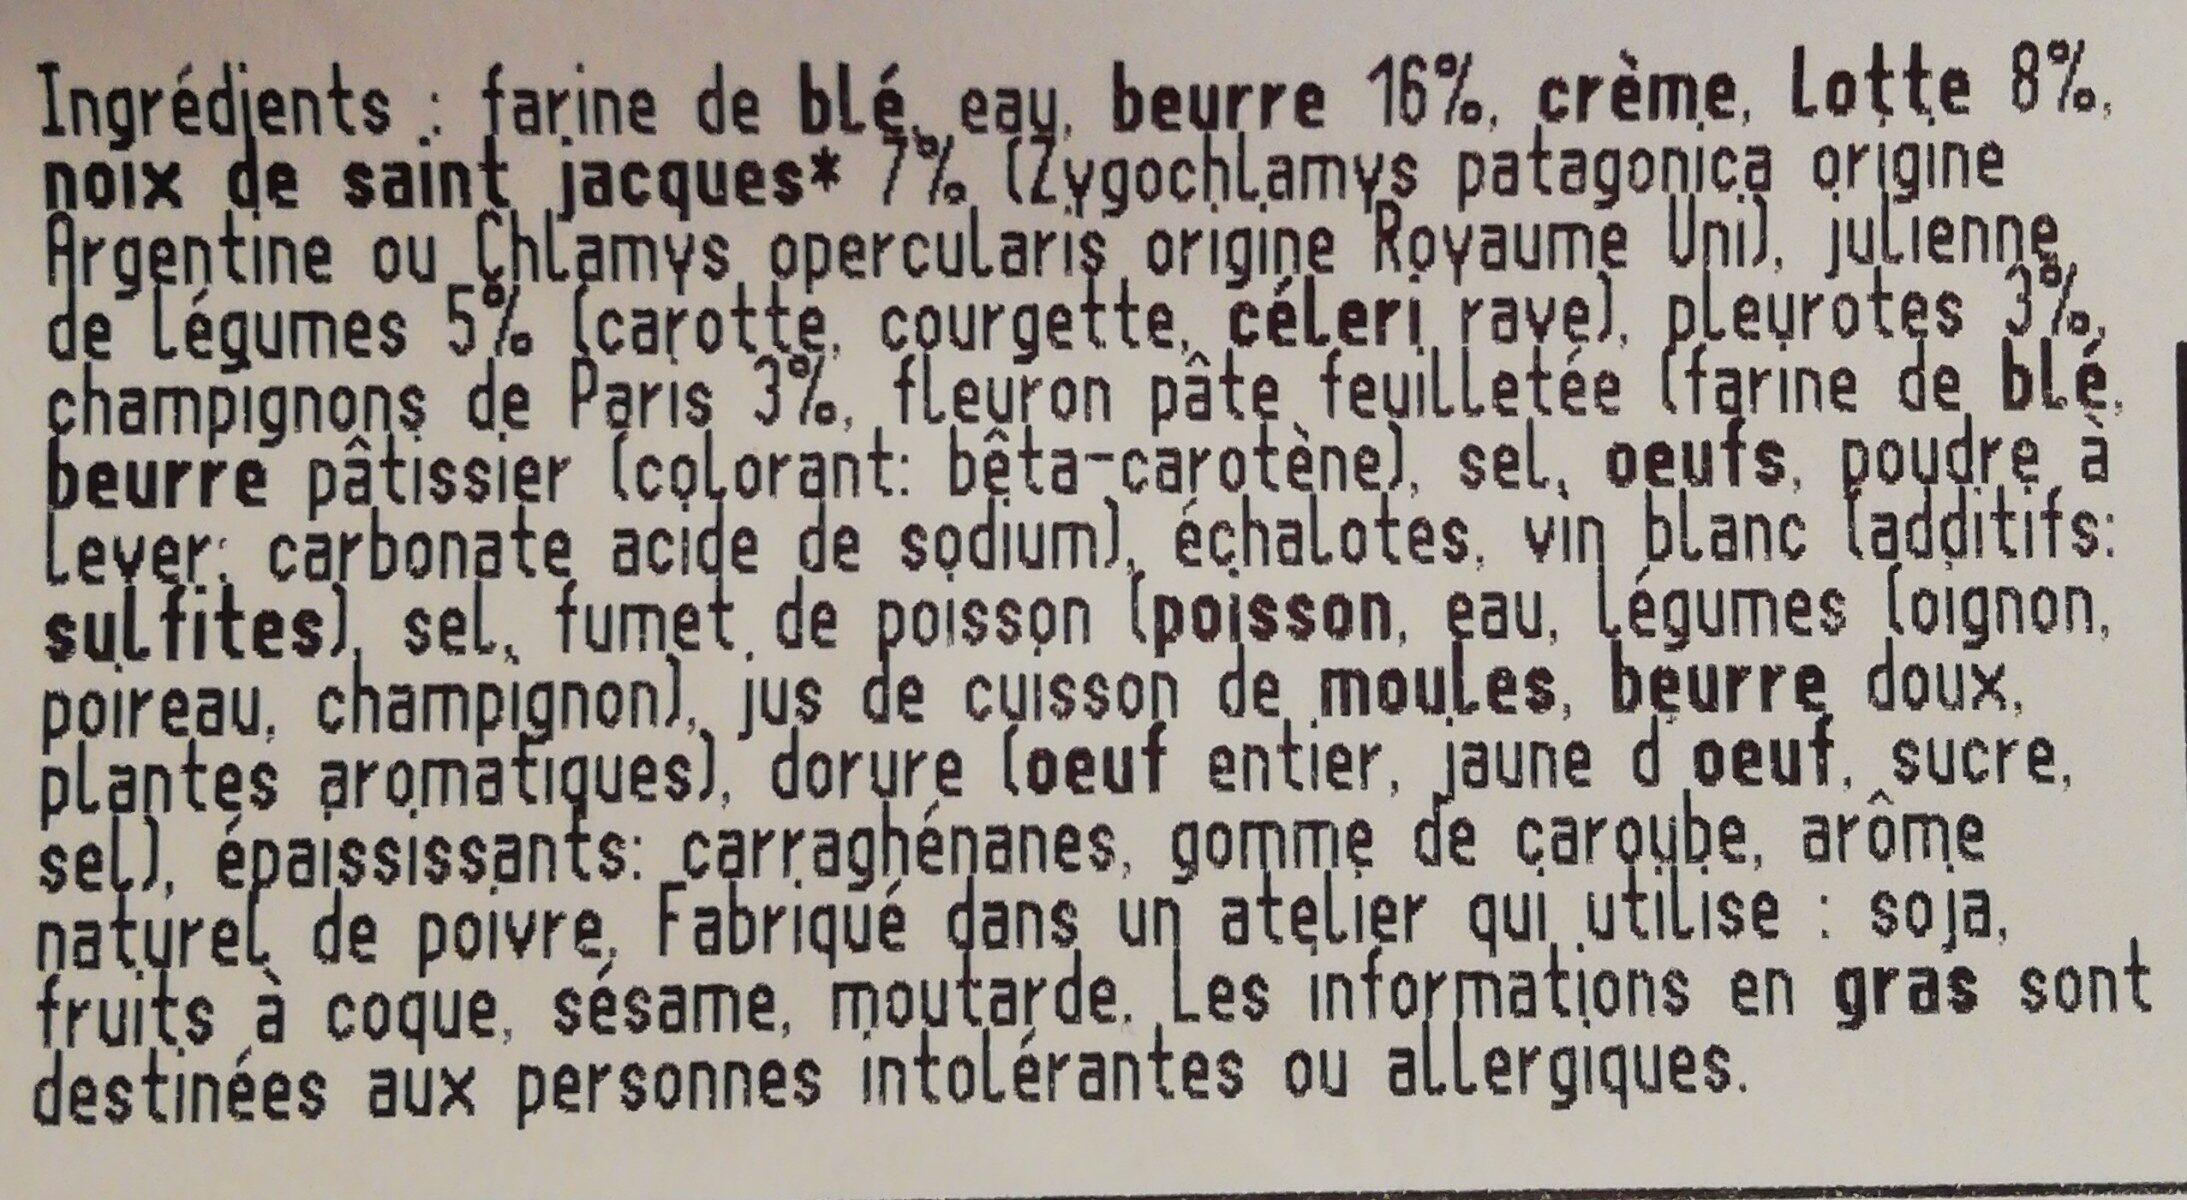 Bouchée lotte st jacque champignon - Ingredients - fr